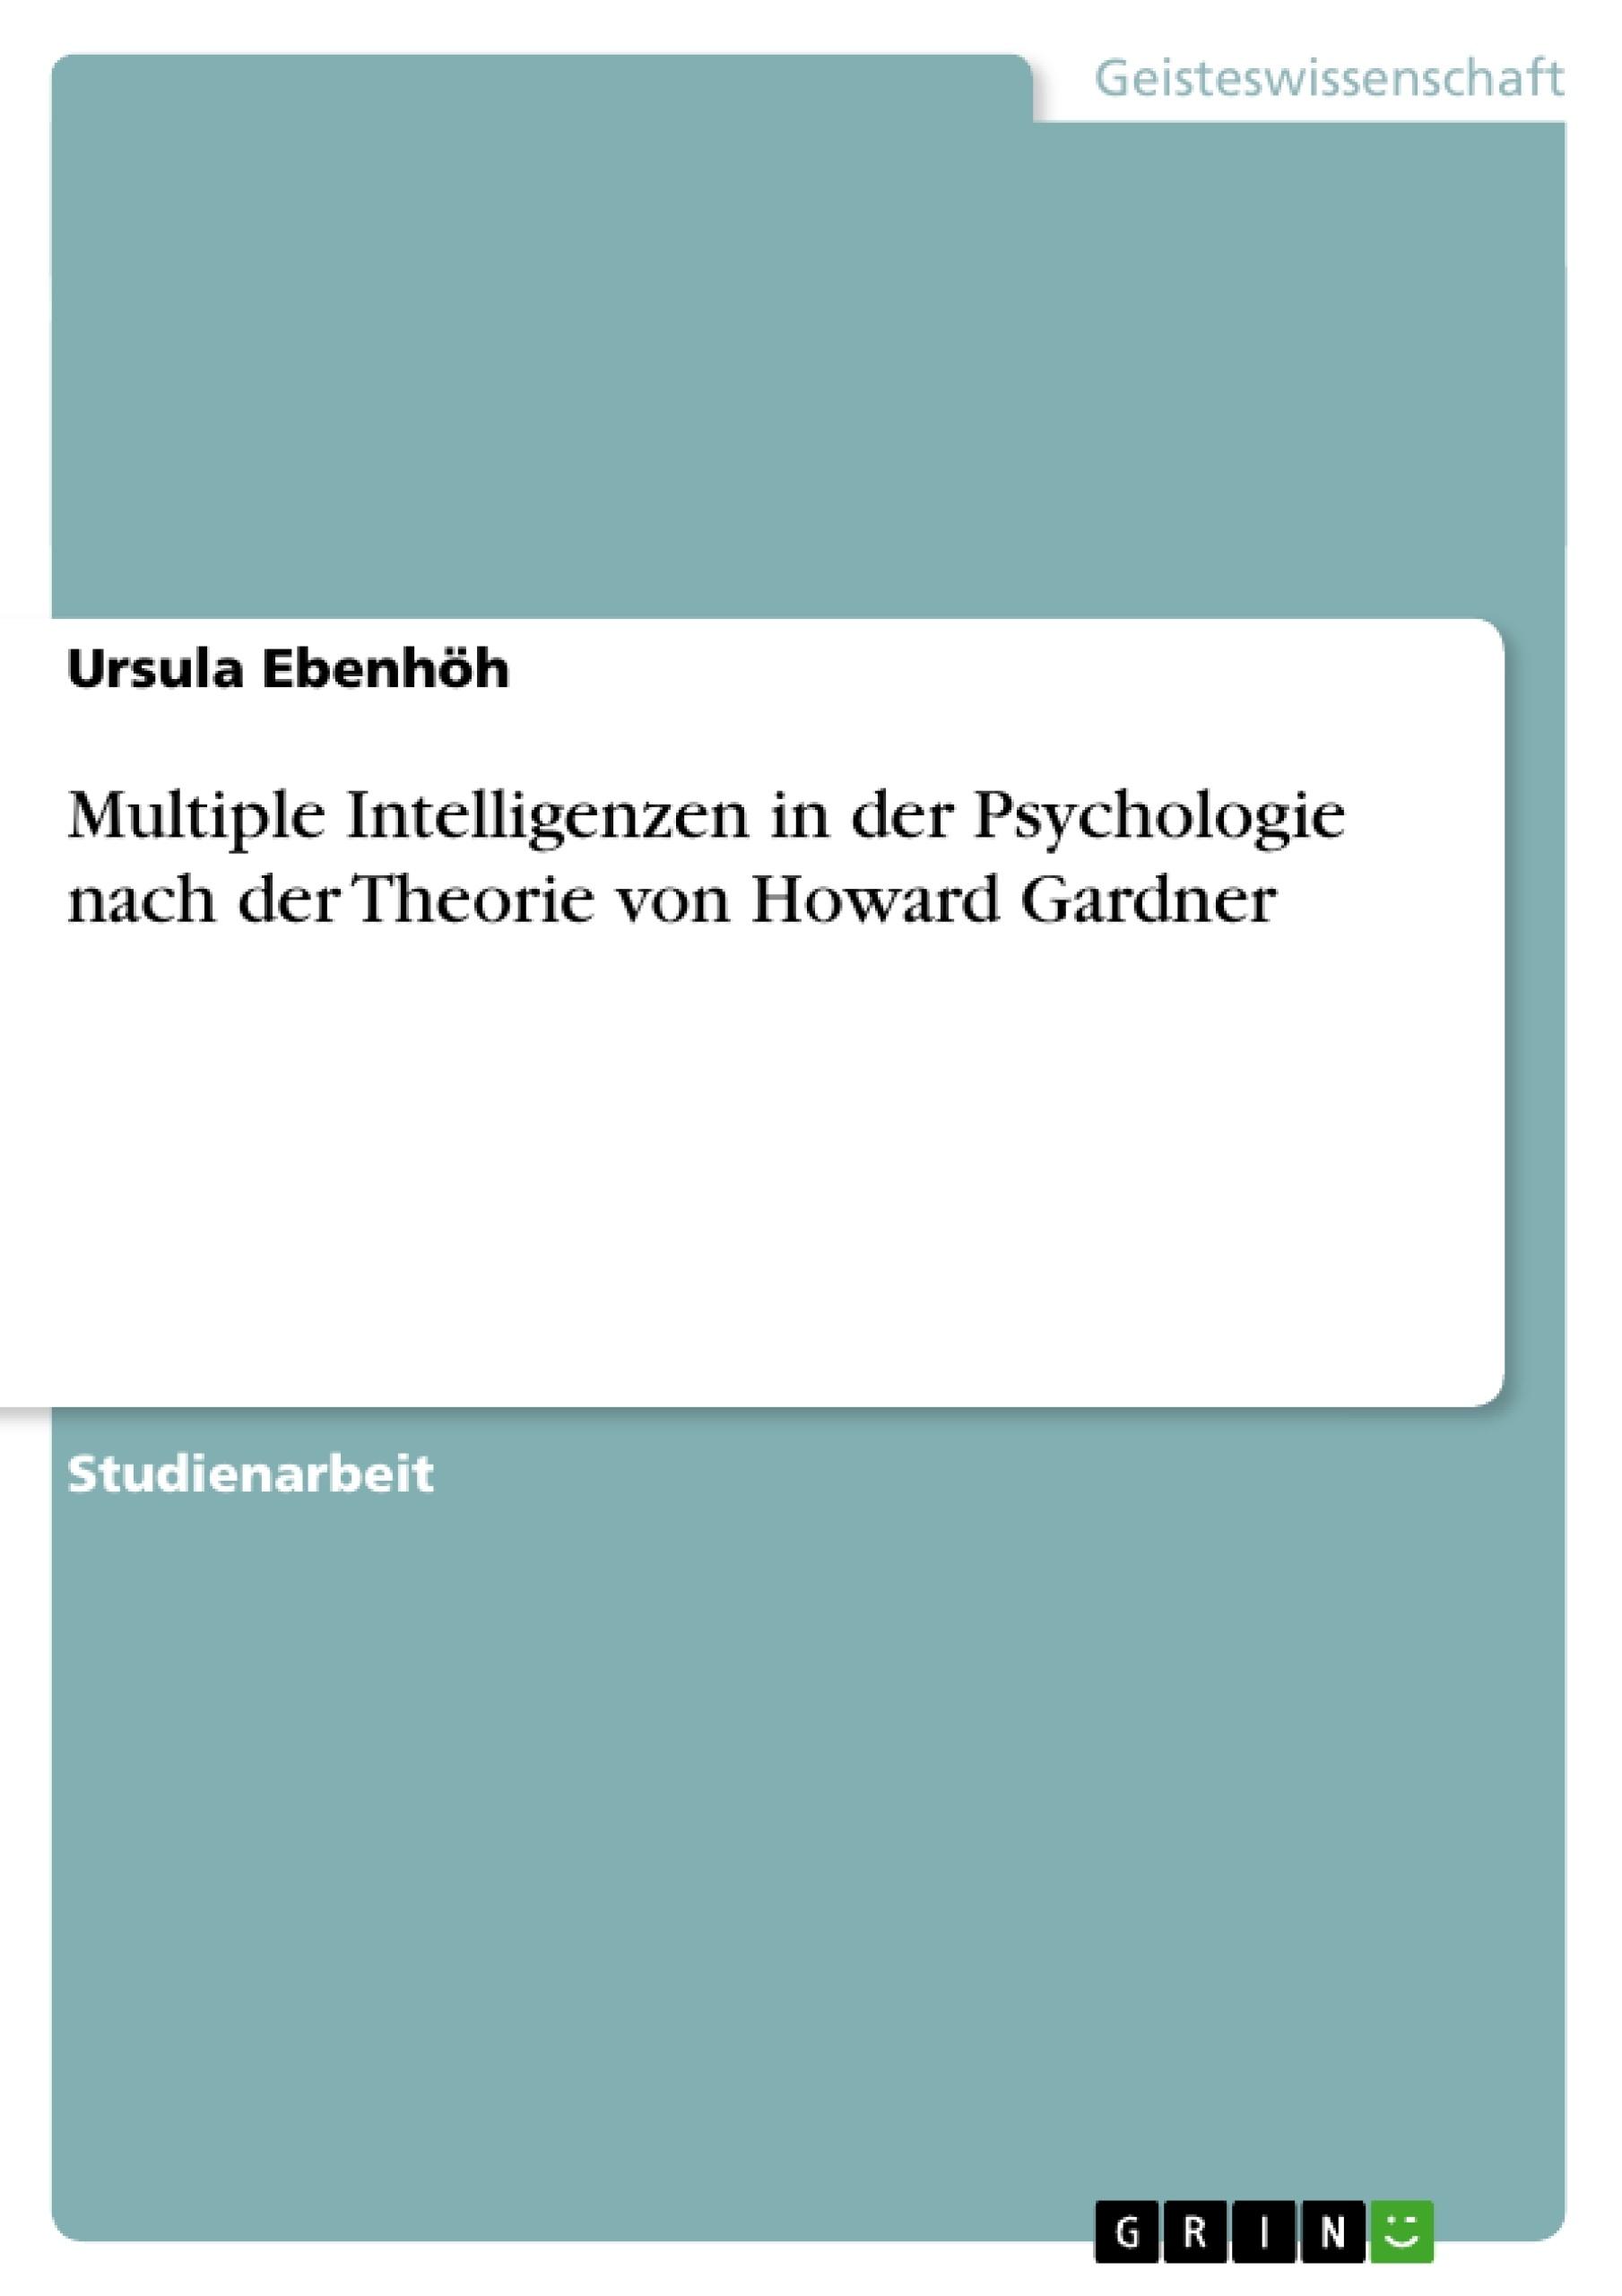 Titel: Multiple Intelligenzen in der Psychologie nach der Theorie von Howard Gardner